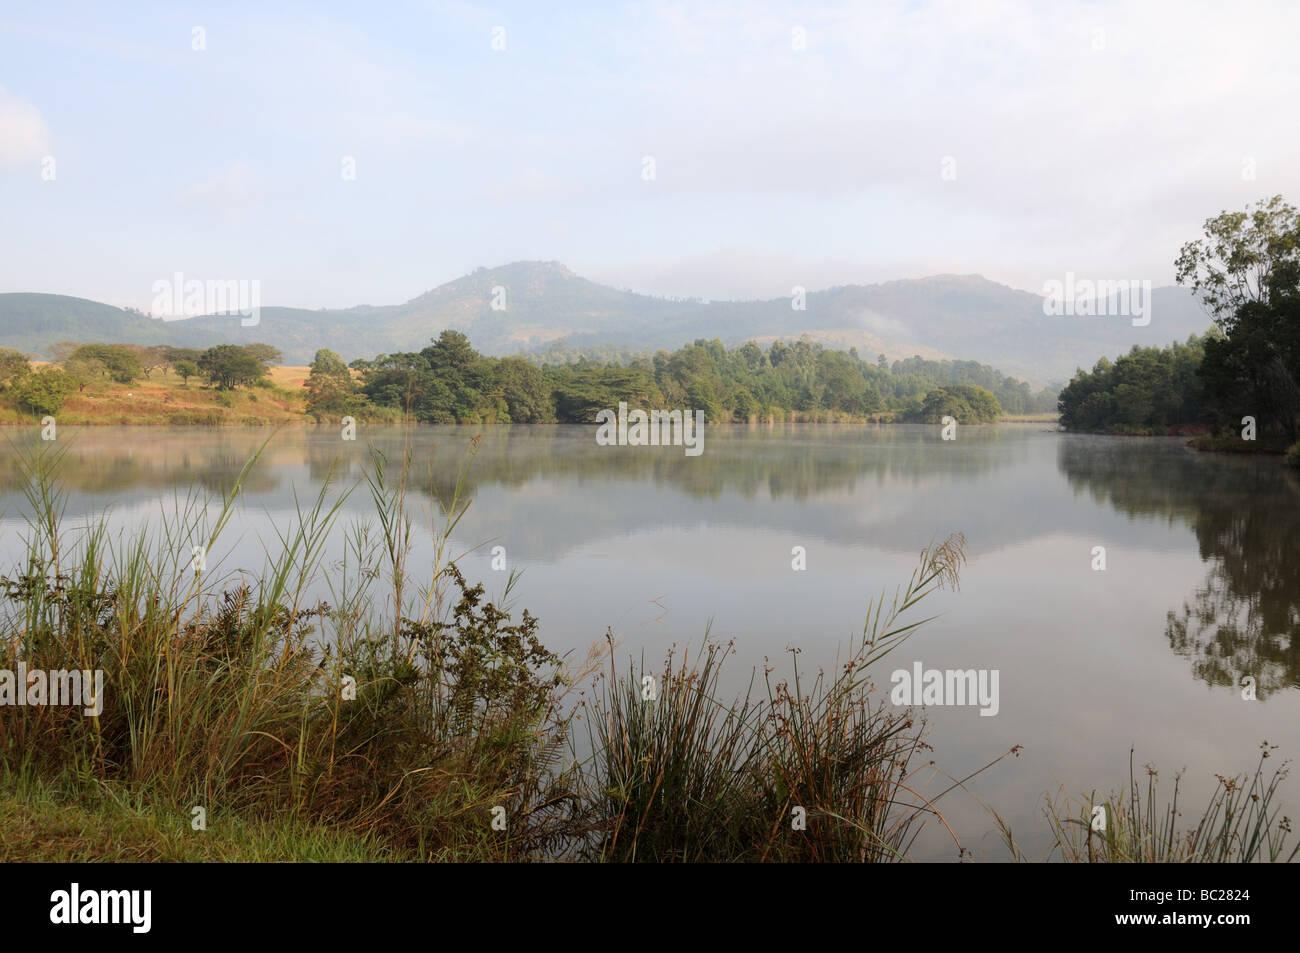 Early morning mist over Mhlambanyatsi river Mlilwane Wildlife Sanctuary Swaziland South Africa - Stock Image